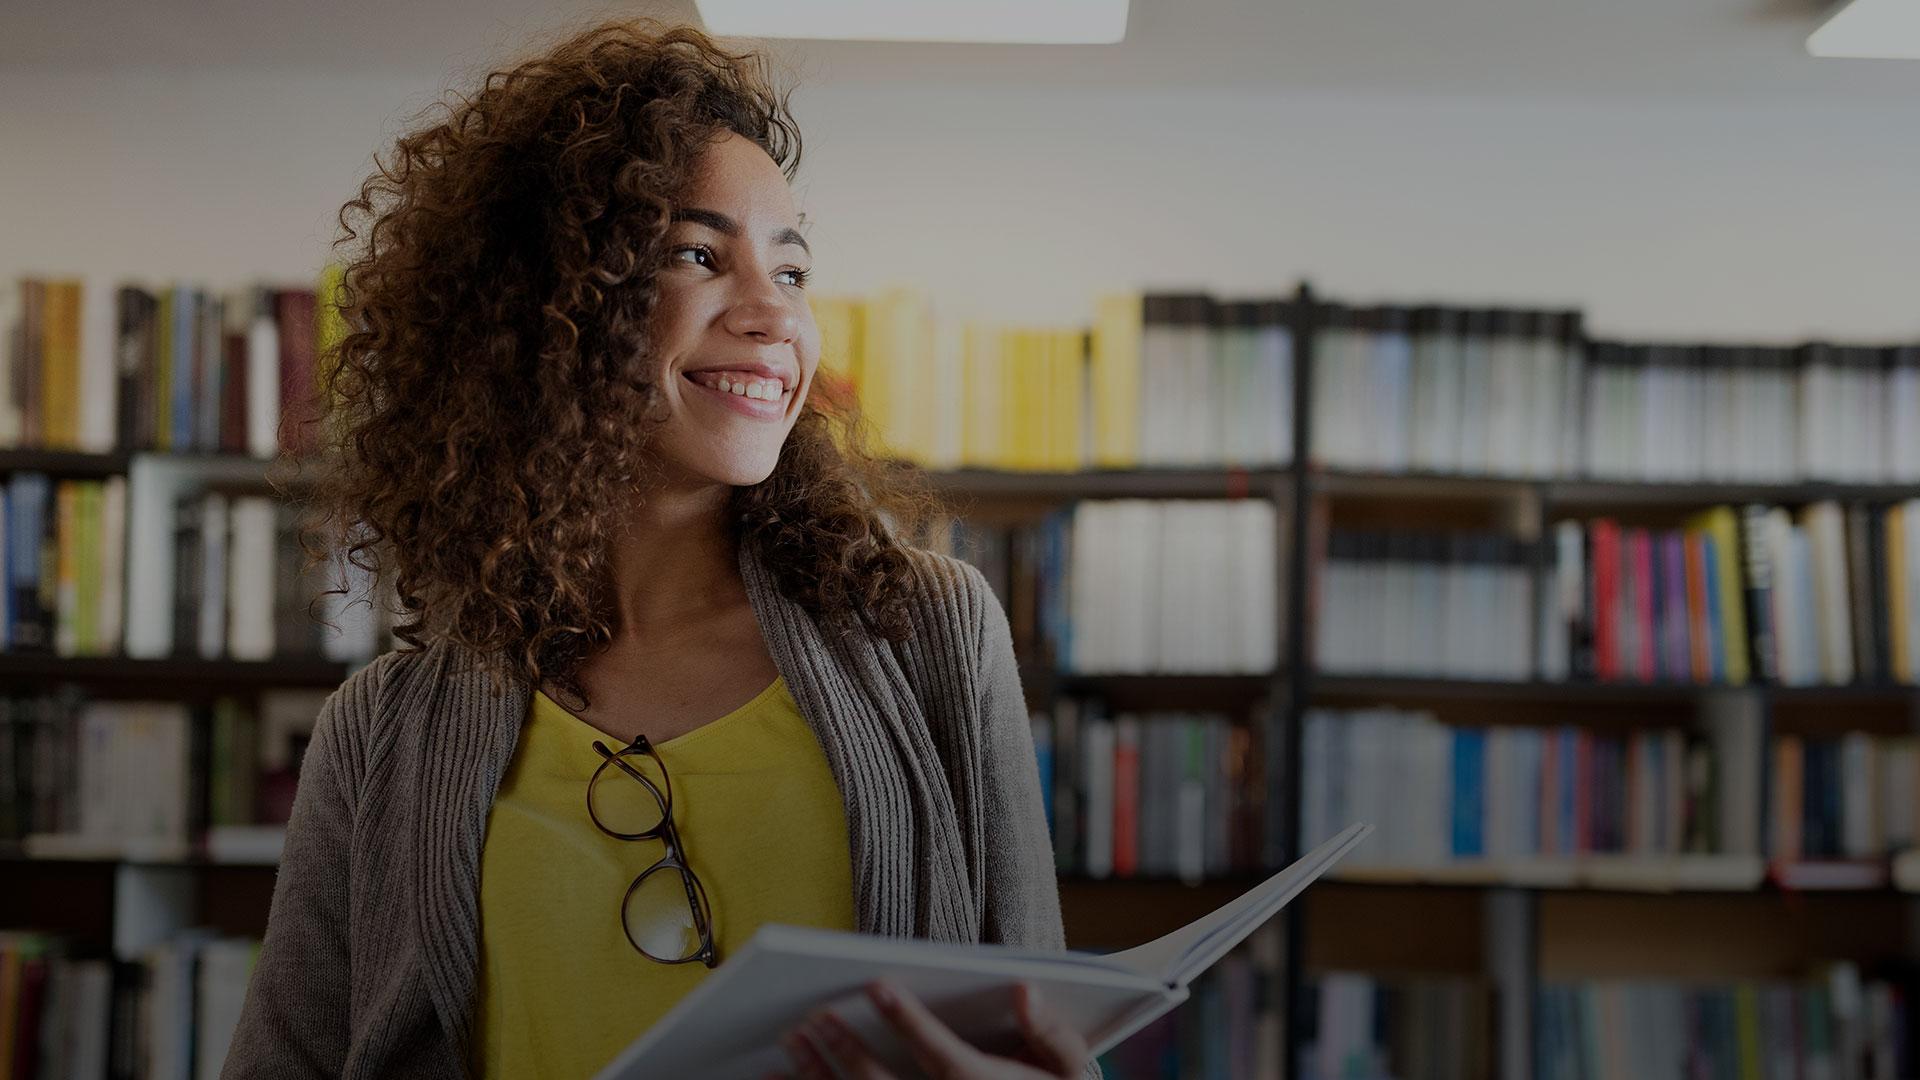 Compasso UOL investe em formação em tecnologias inovadoras para suprir demanda interna e do mercado